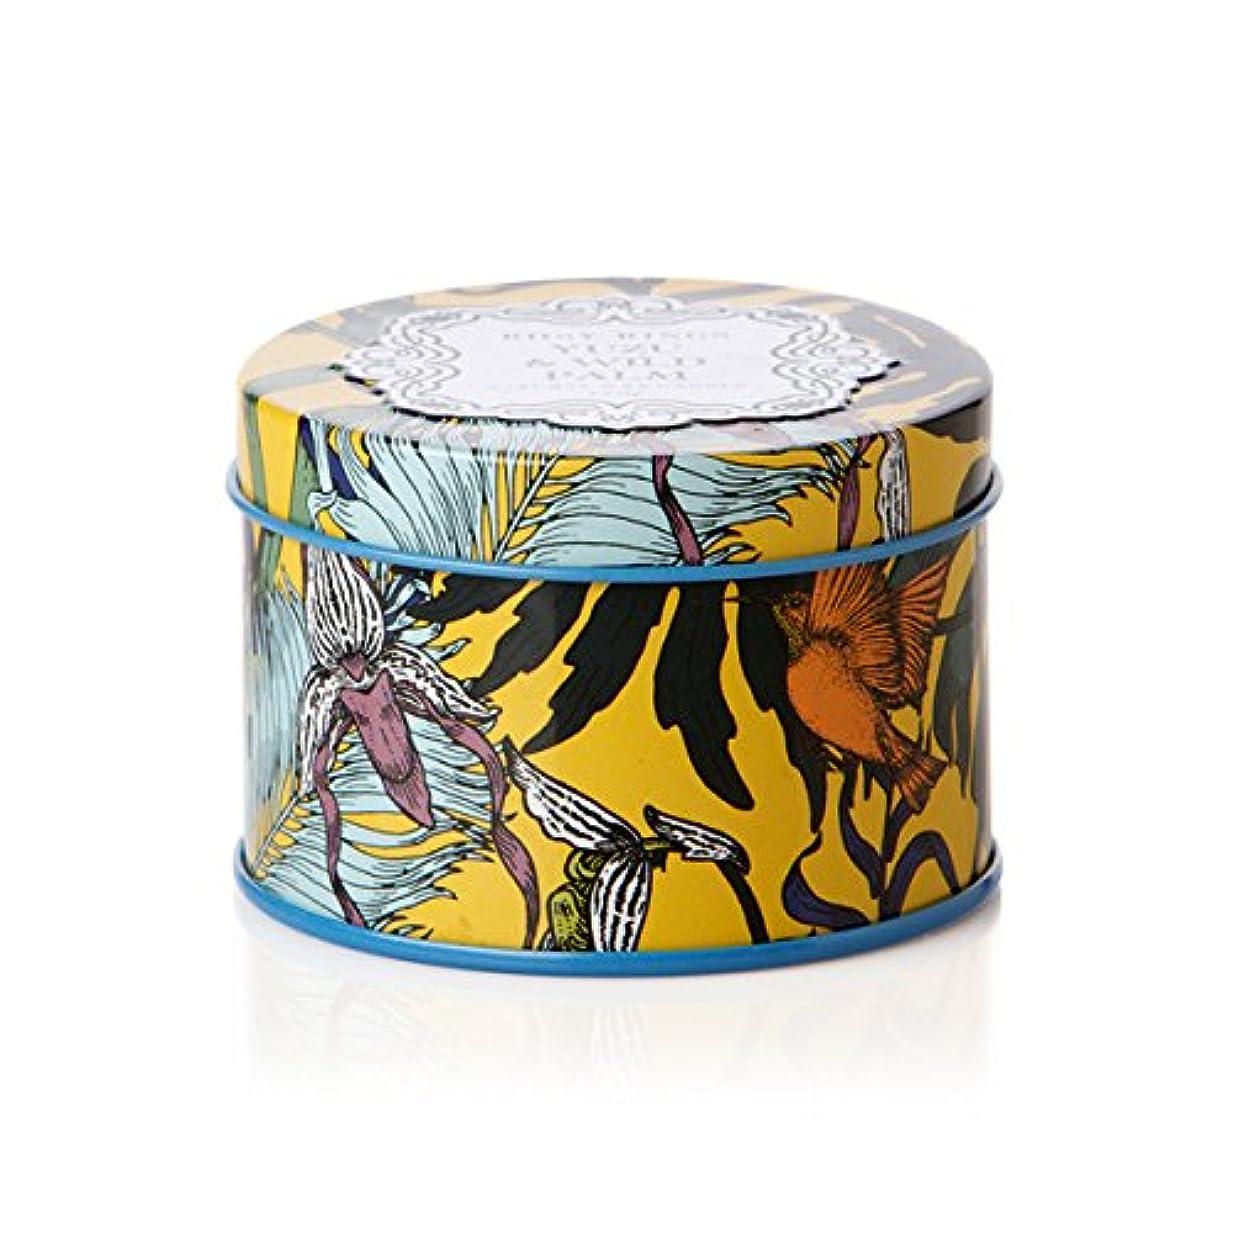 ウガンダアパート省略ロージーリングス プティティンキャンドル ユズ&ワイルドパーム ROSY RINGS Petite Tin Yuzu & Wild Palm